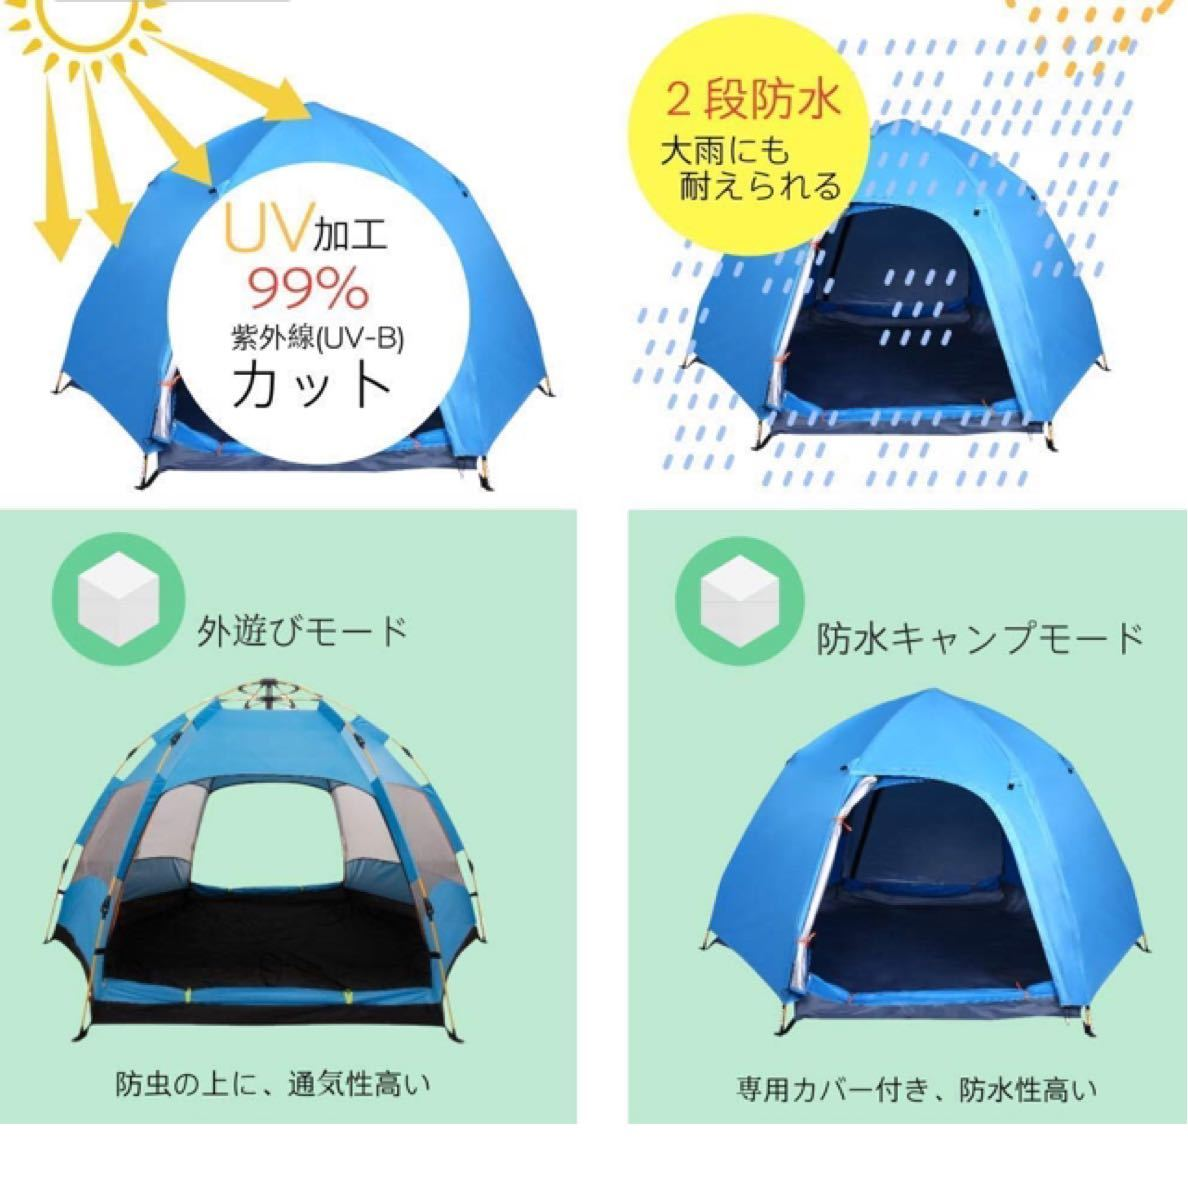 キャンプ用ワンタッチテント防災用にも4個セット